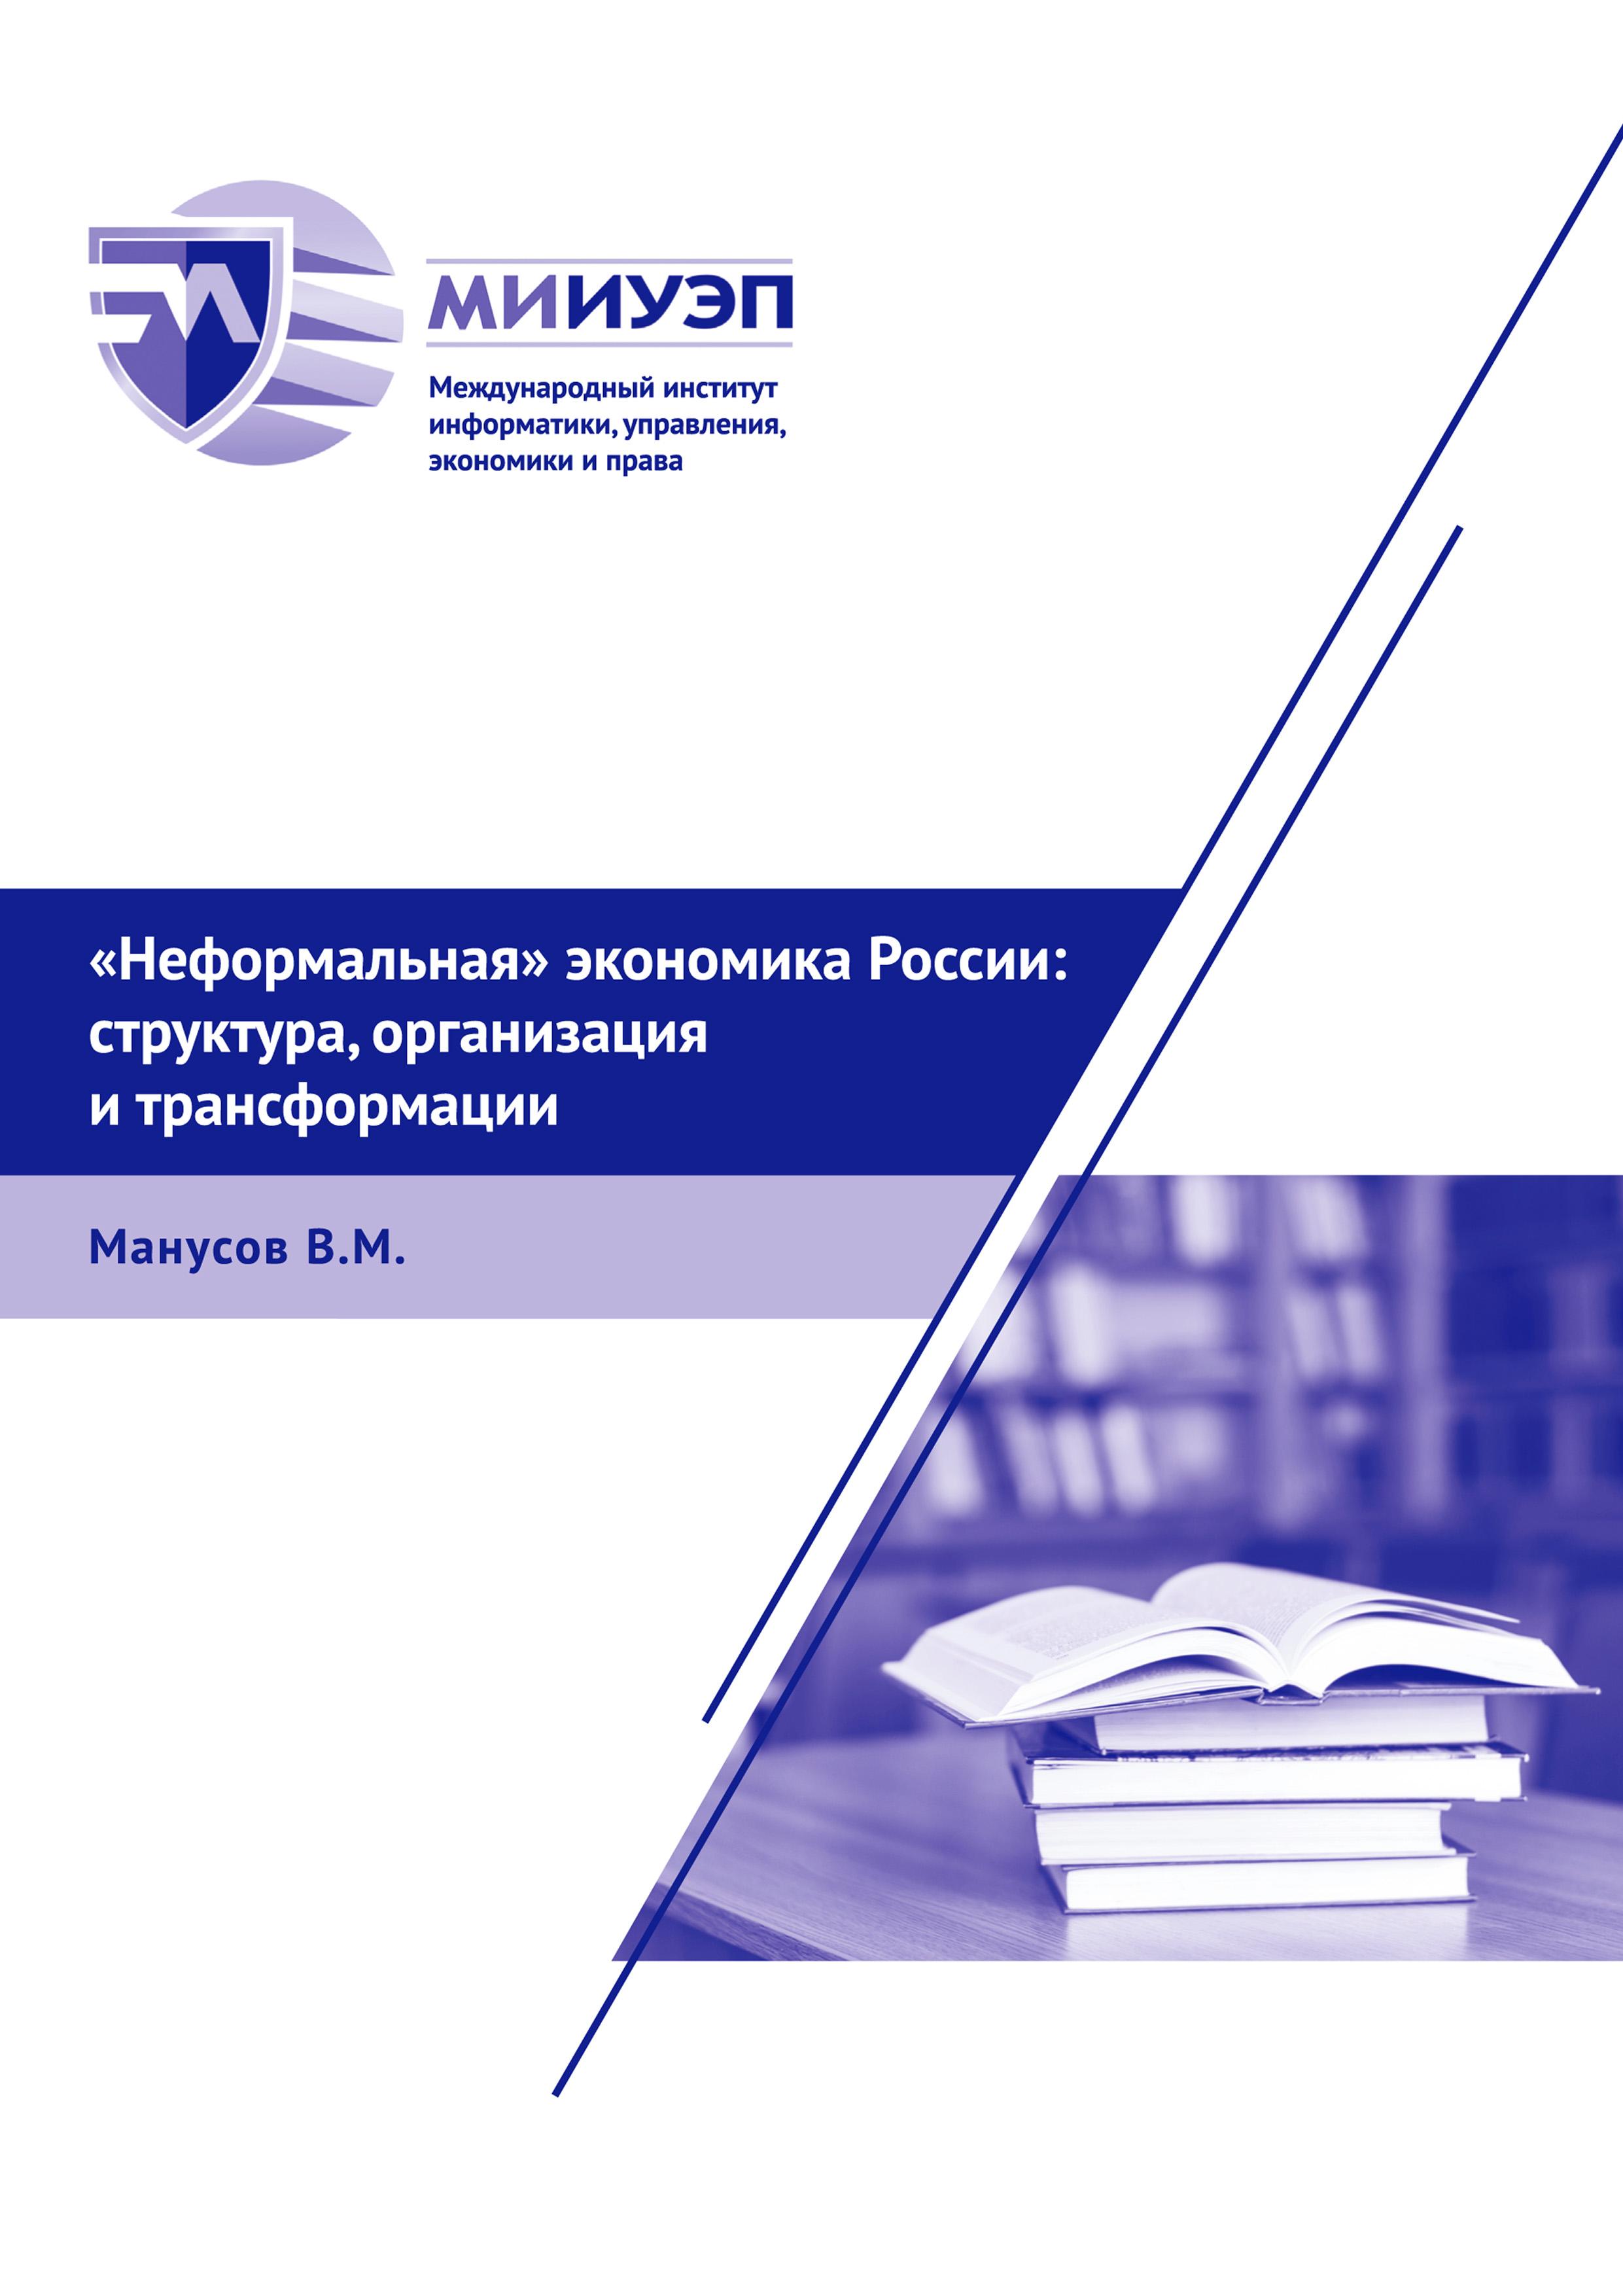 В. М. Манусов «Неформальная» экономика России: структура, организация и трансформации